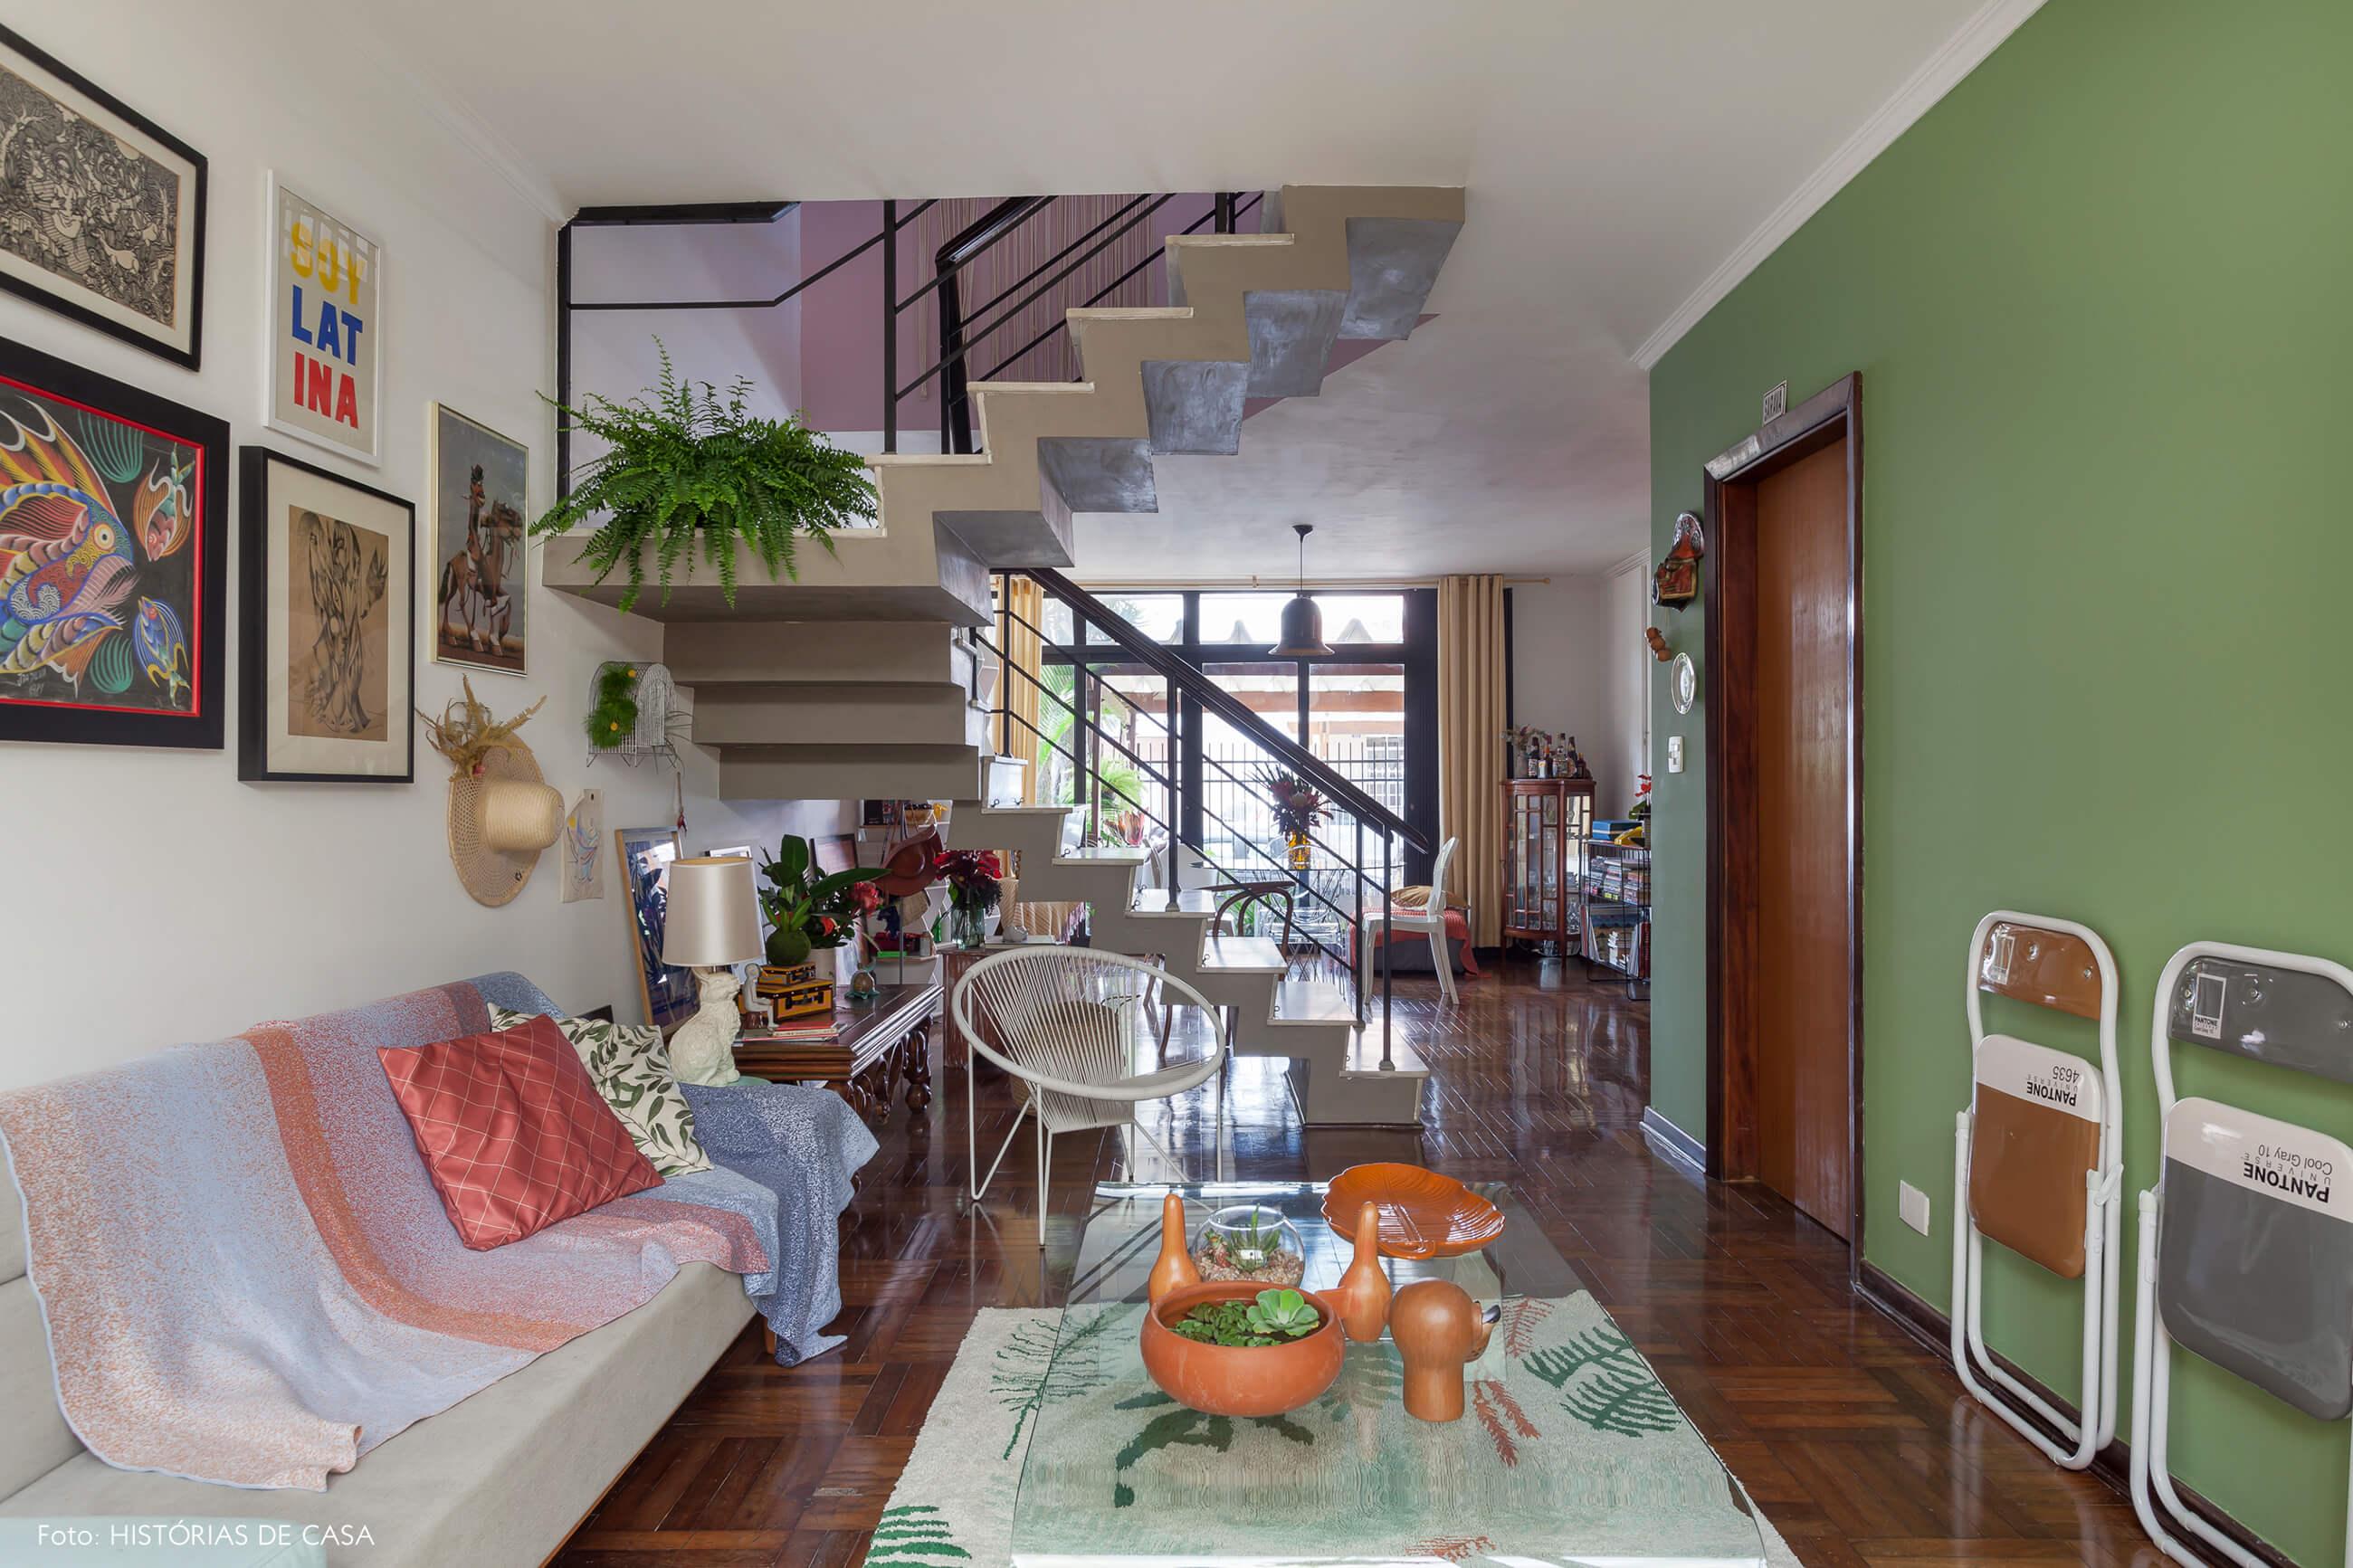 Sala integrada com parede pintada de verde